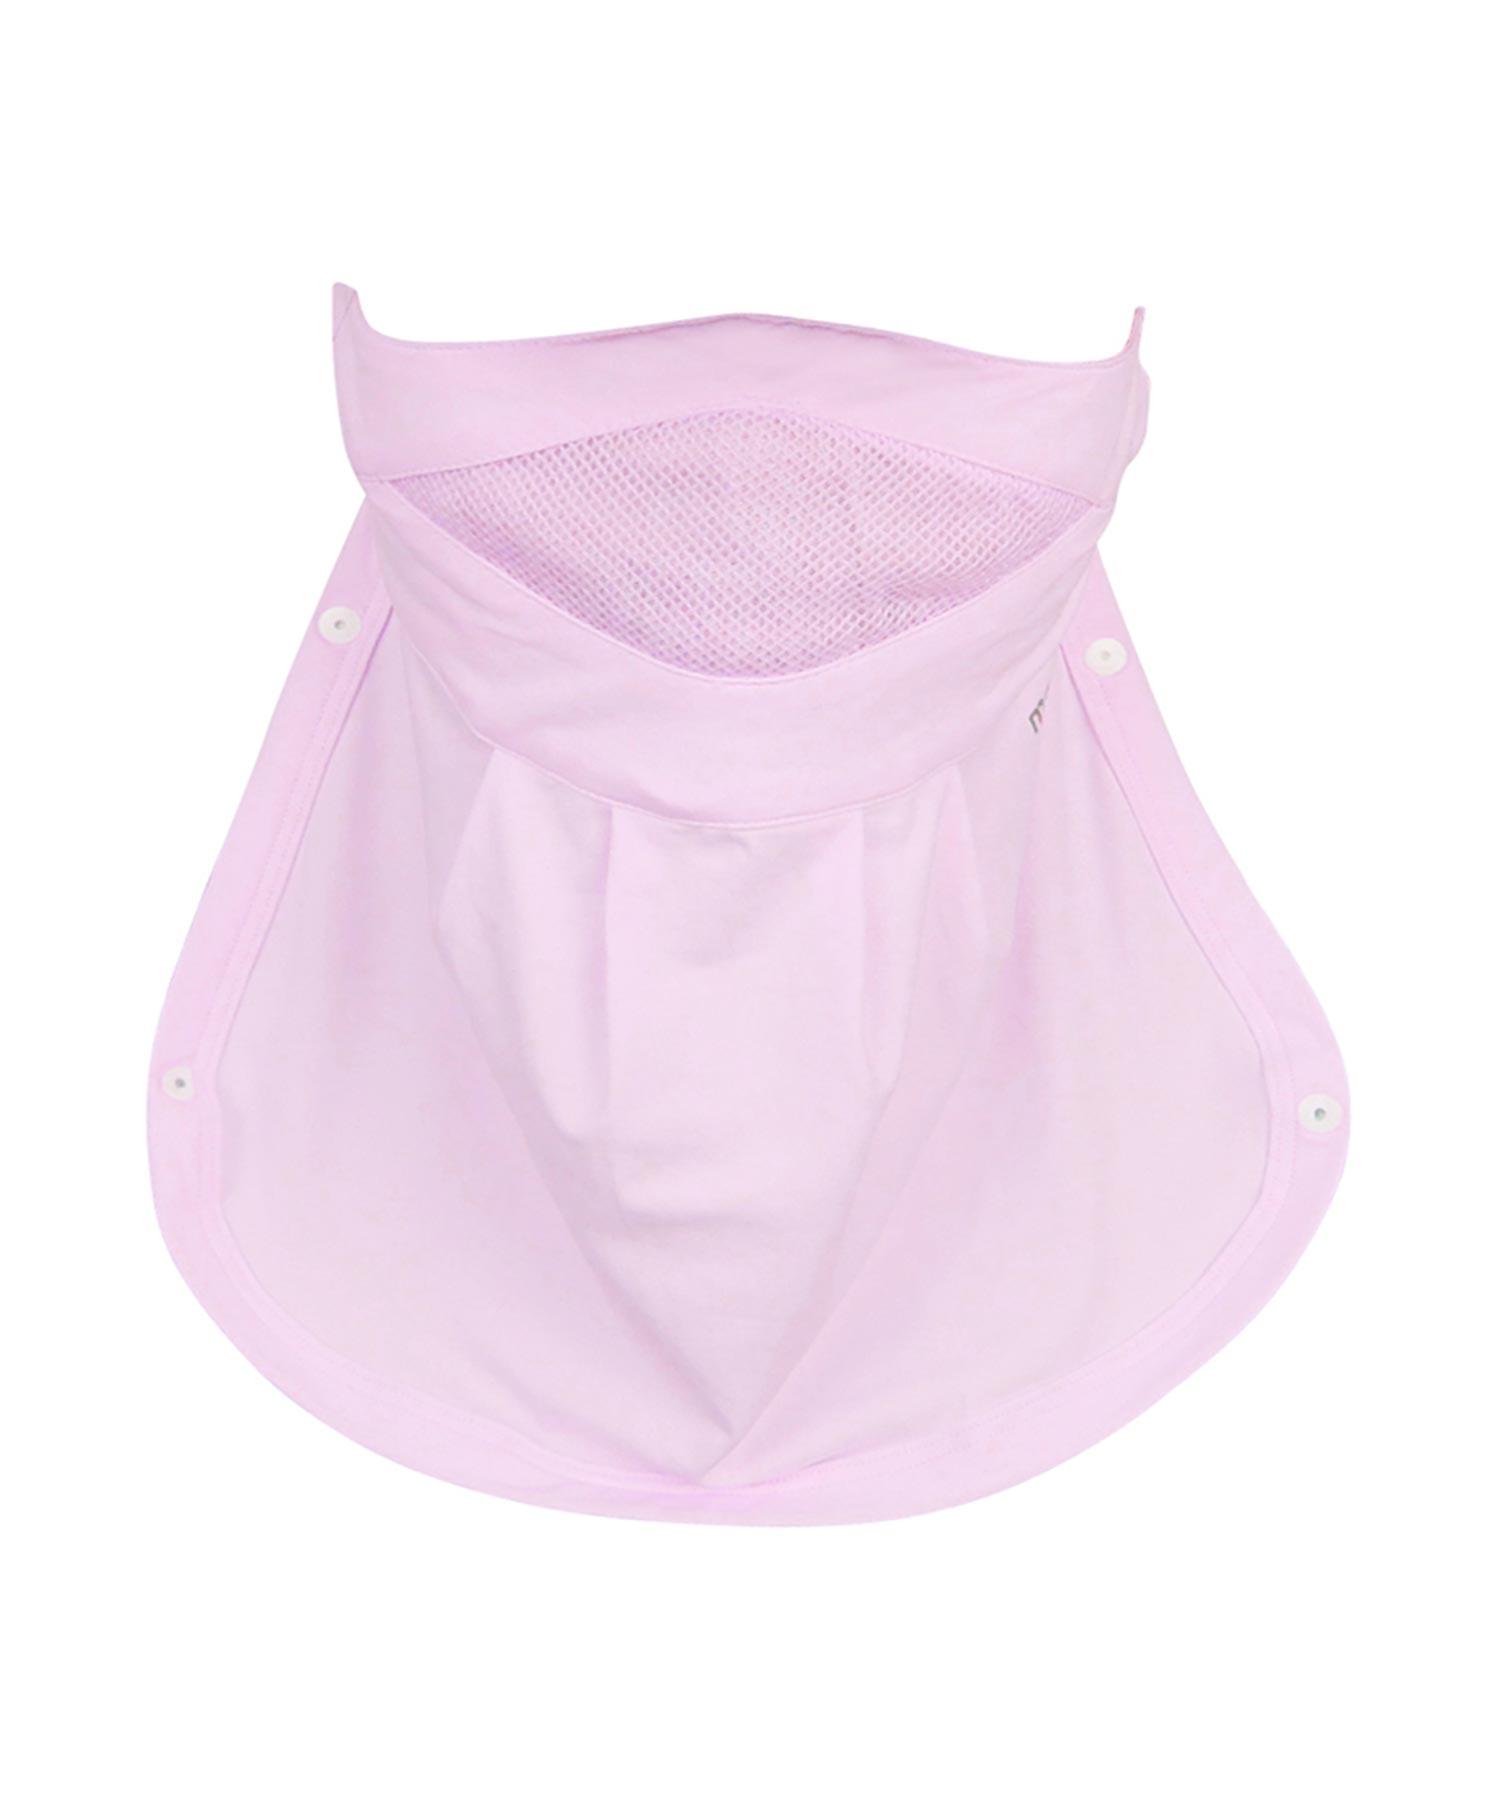 防曬面罩2